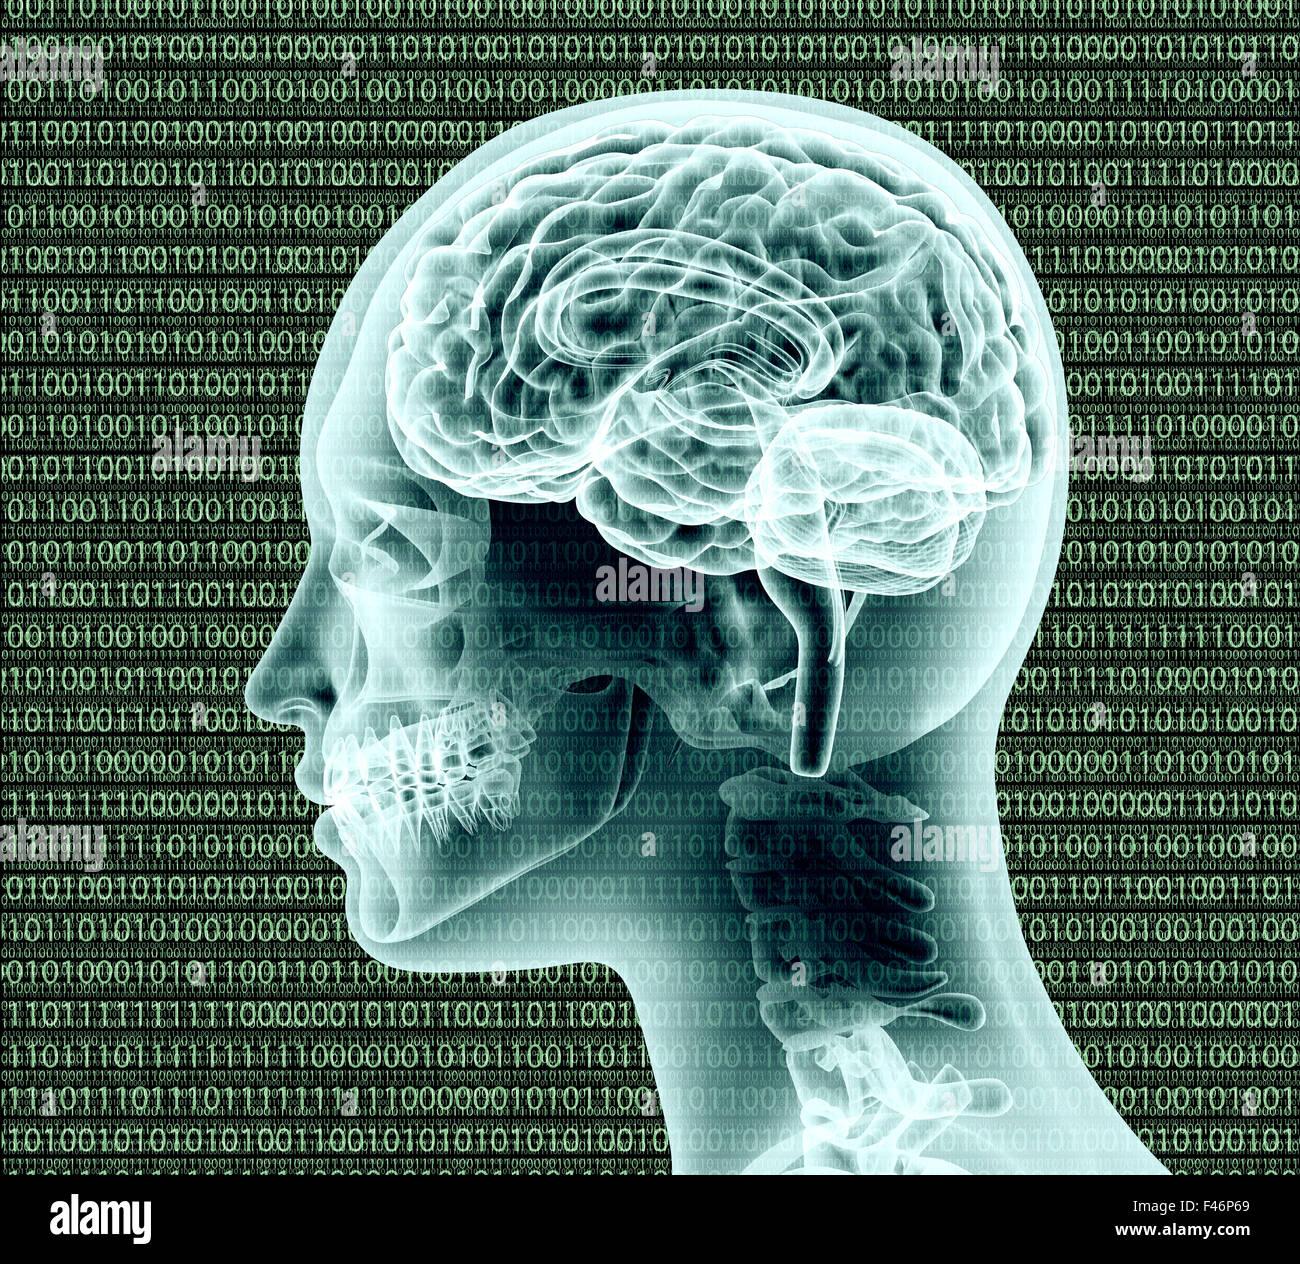 La imagen de rayos x de la cabeza humana con binairy código y un cerebro. Foto de stock